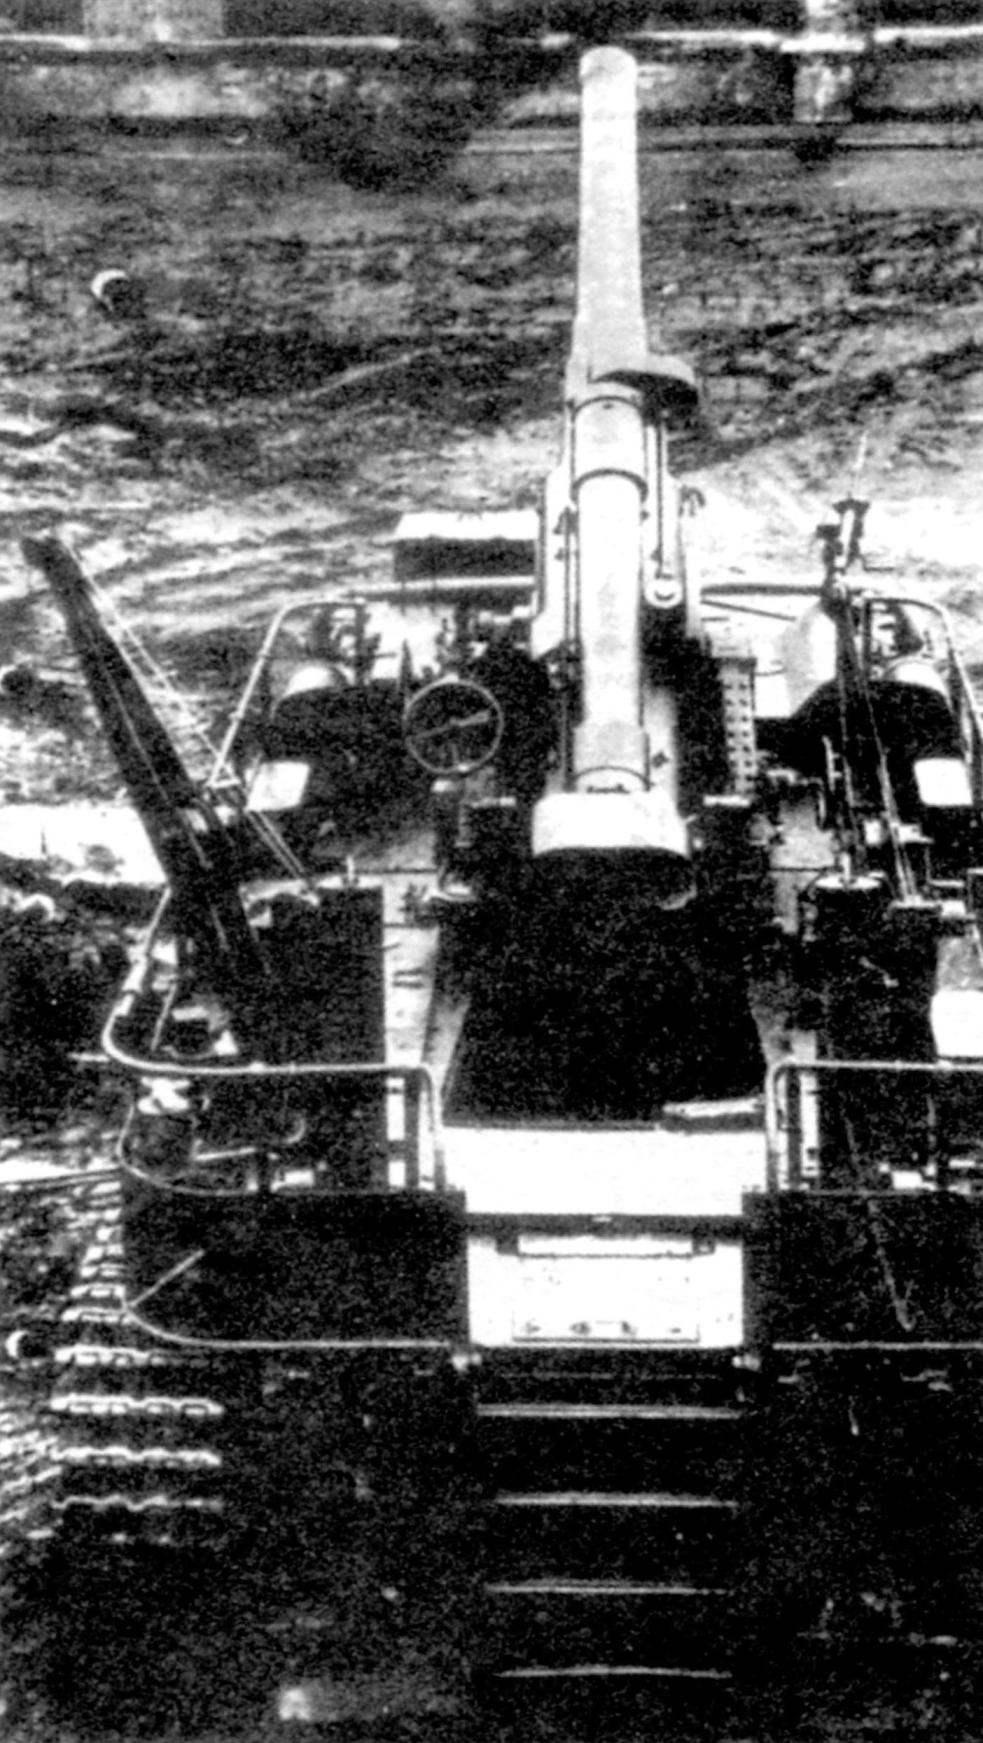 САУ СУ-14. На открытой платформе установлена артиллерийская часть 203-мм пушки Б-4 обр. 1931 г.